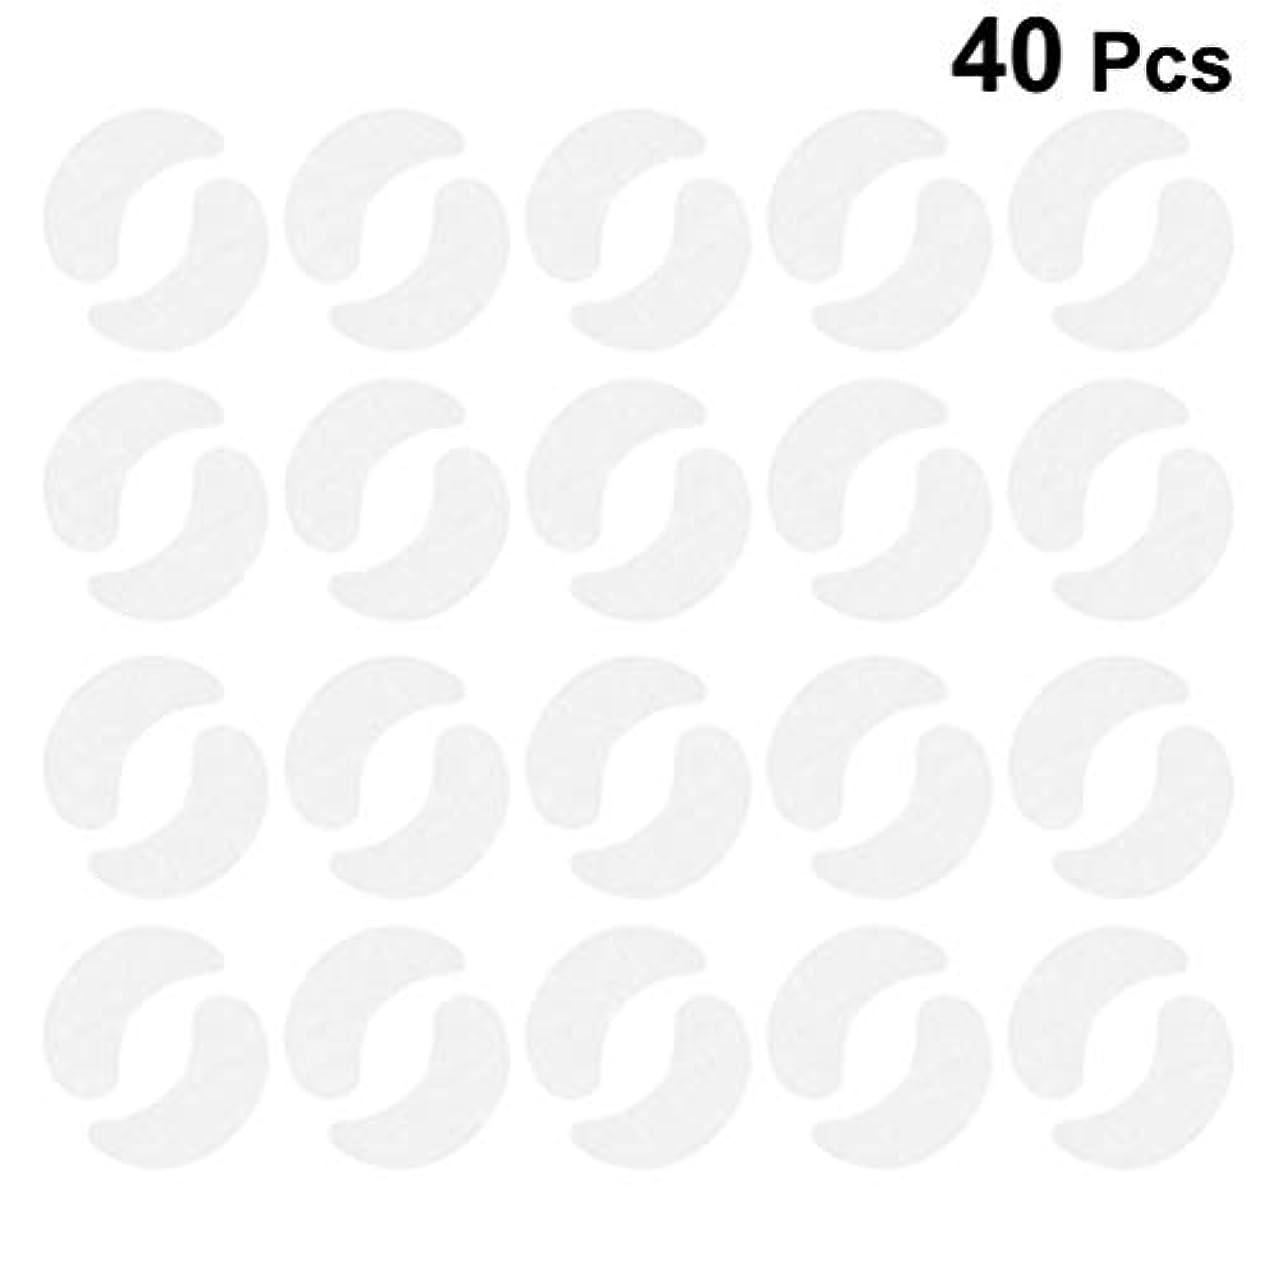 拒否時計回り反響するSUPVOX 40pcsコラーゲンアイマスク保湿シートパッチアンチエイジングバッグダークサークル腫れ抗しわ保湿